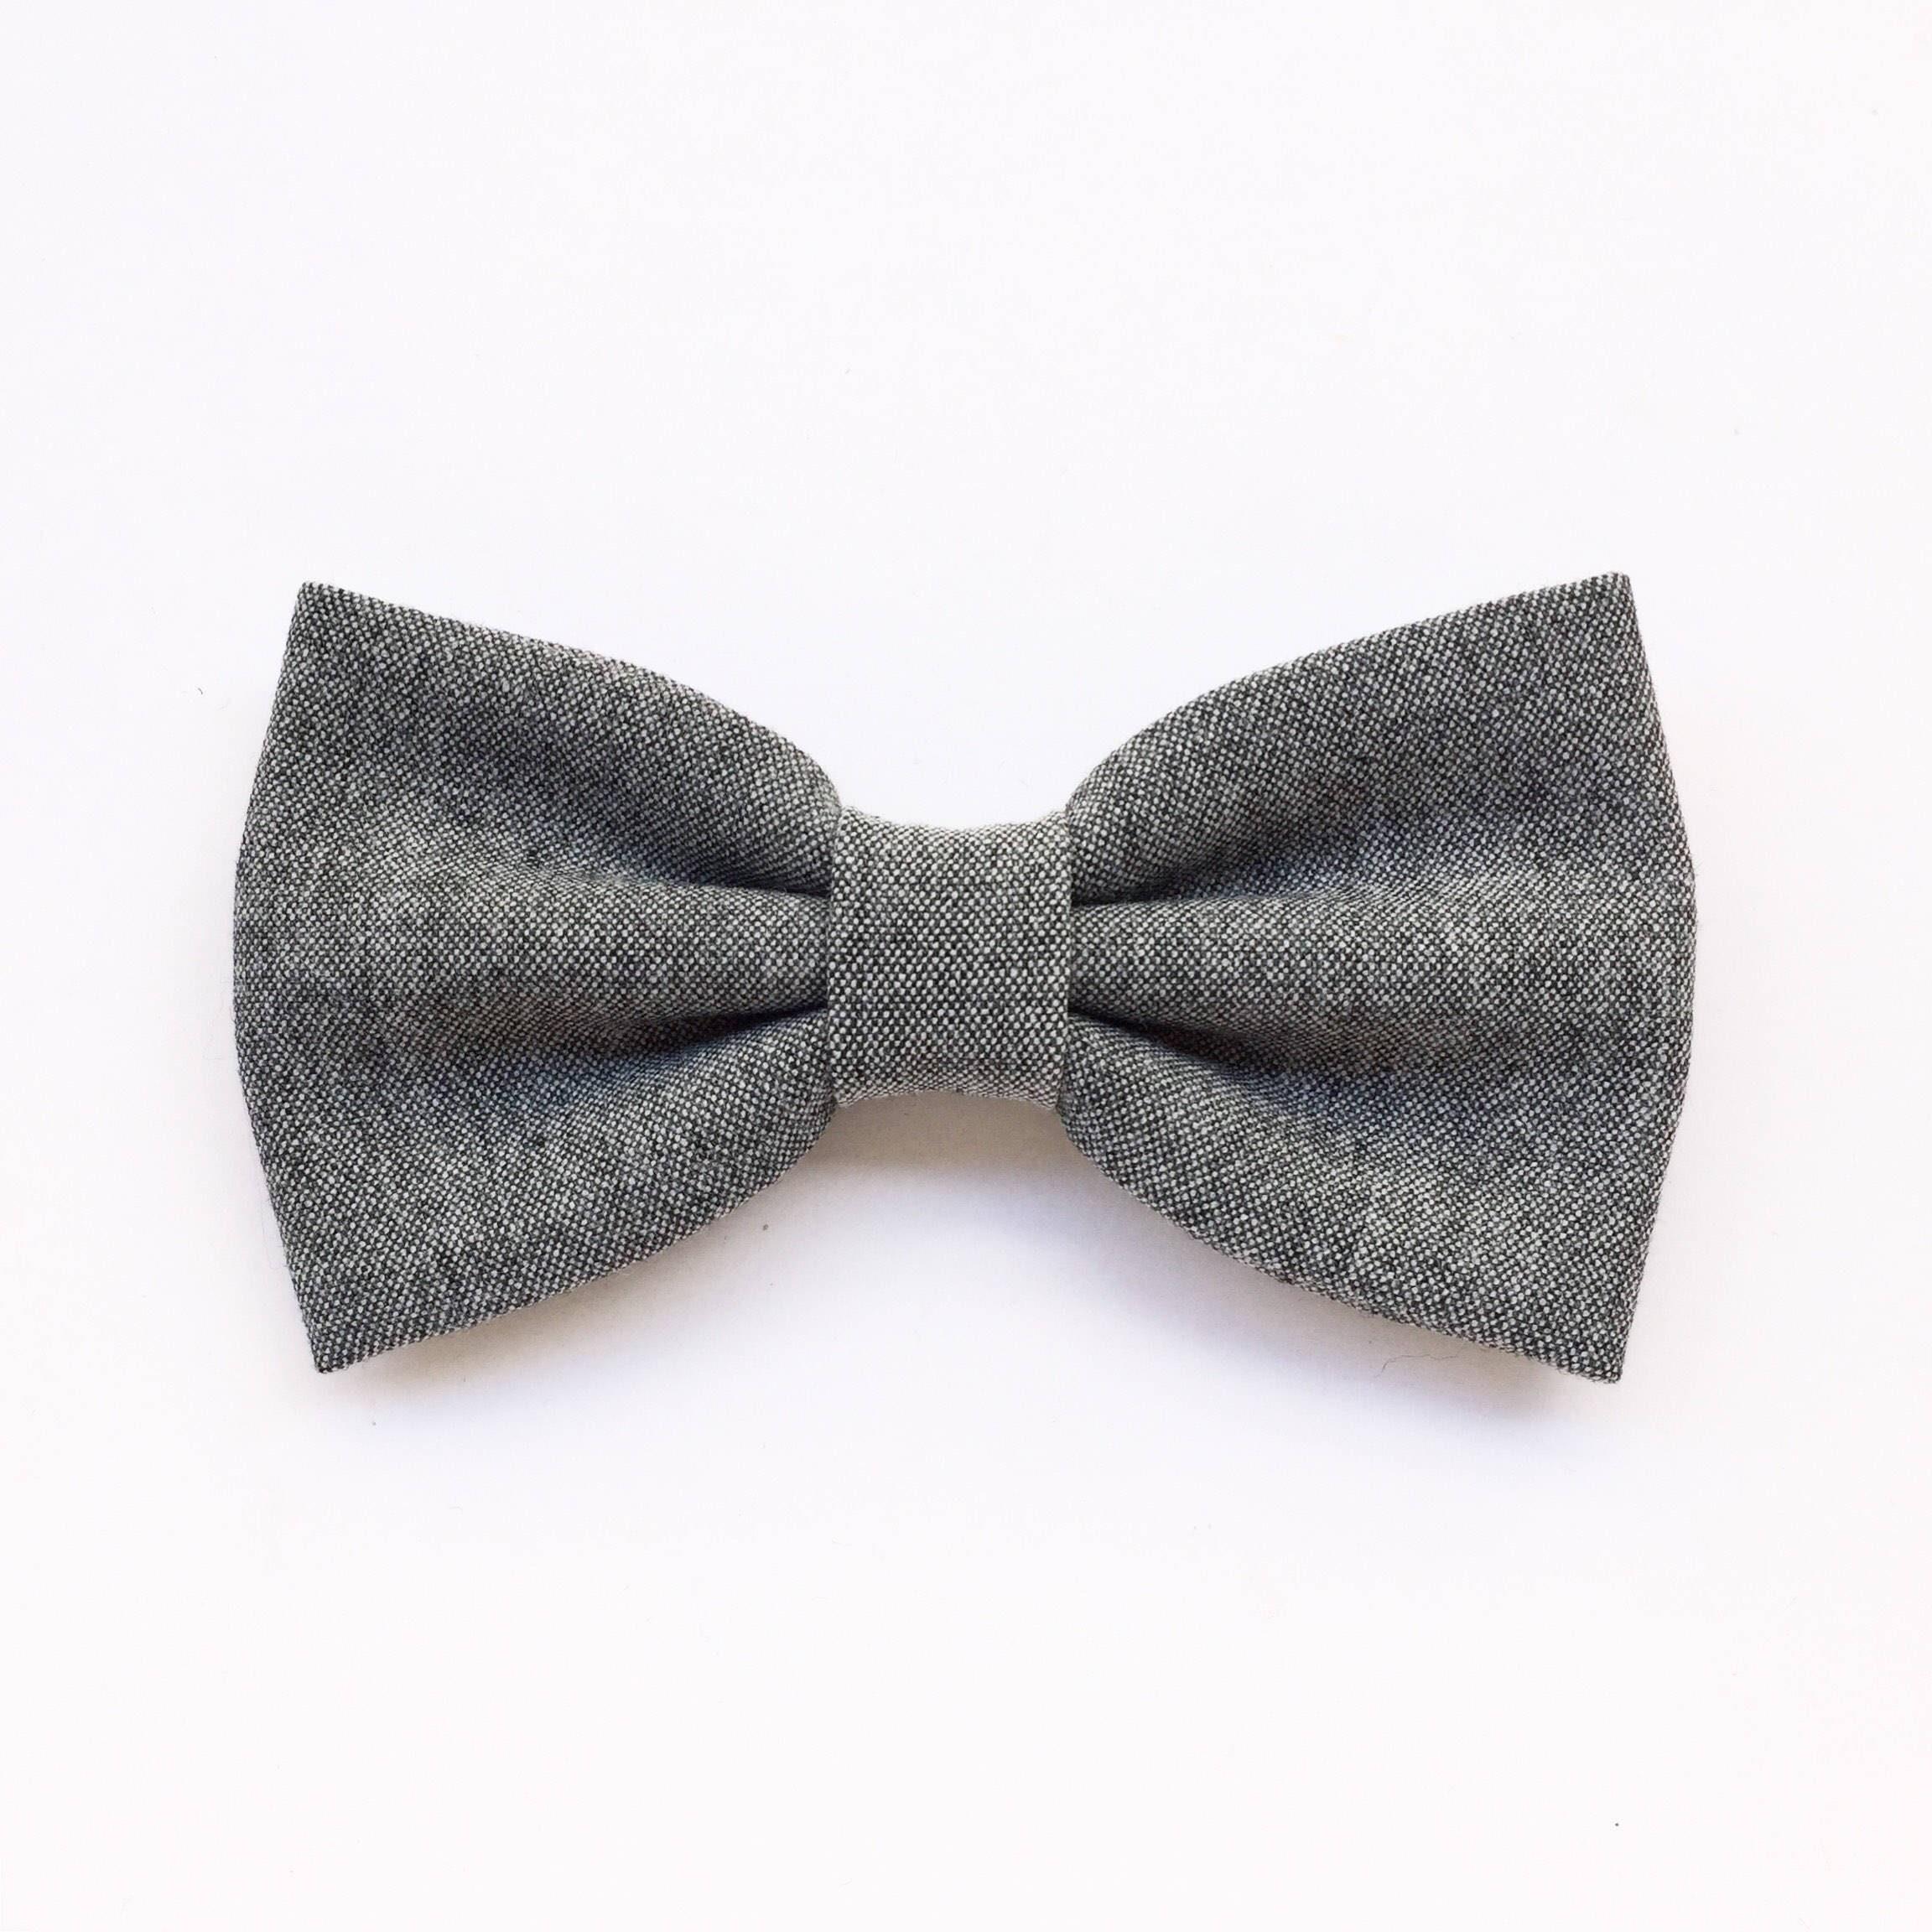 Regalo Matrimonio Uomo : Papillon grigio chiaro per uomo farfallino sposo